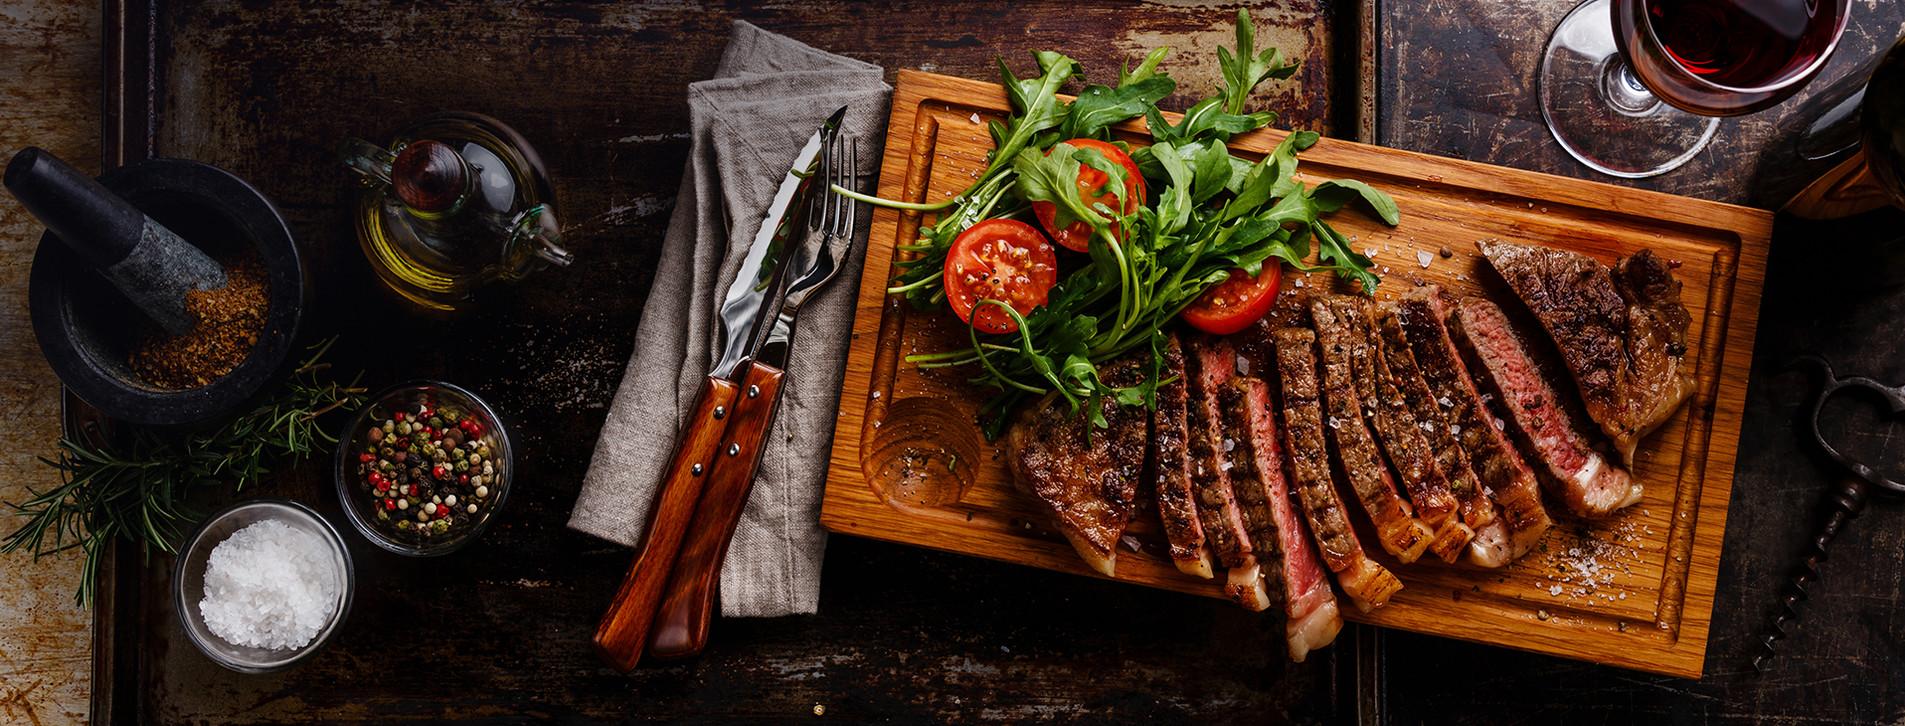 Фото 1 - Ужин в «Ресторації м'яса та справедливості»